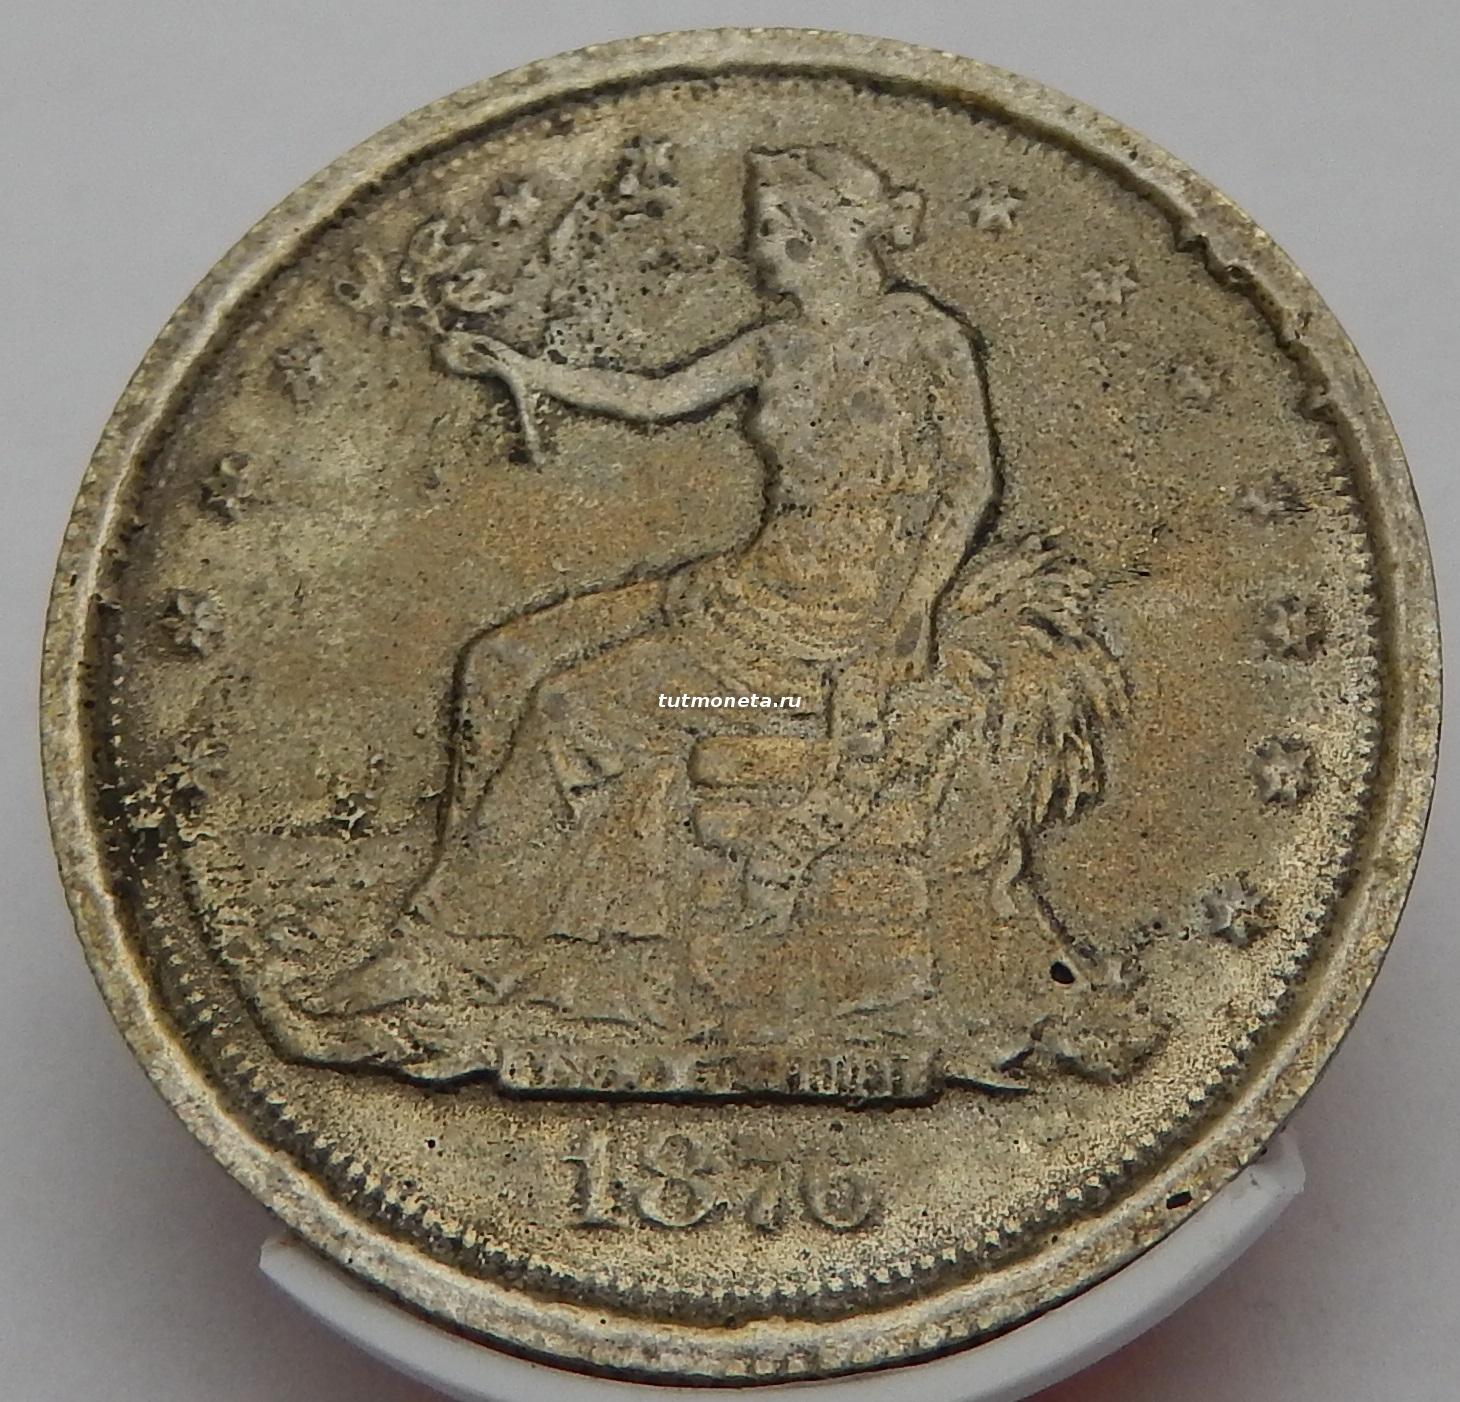 Доллар 1876 года цена 1 евро цент